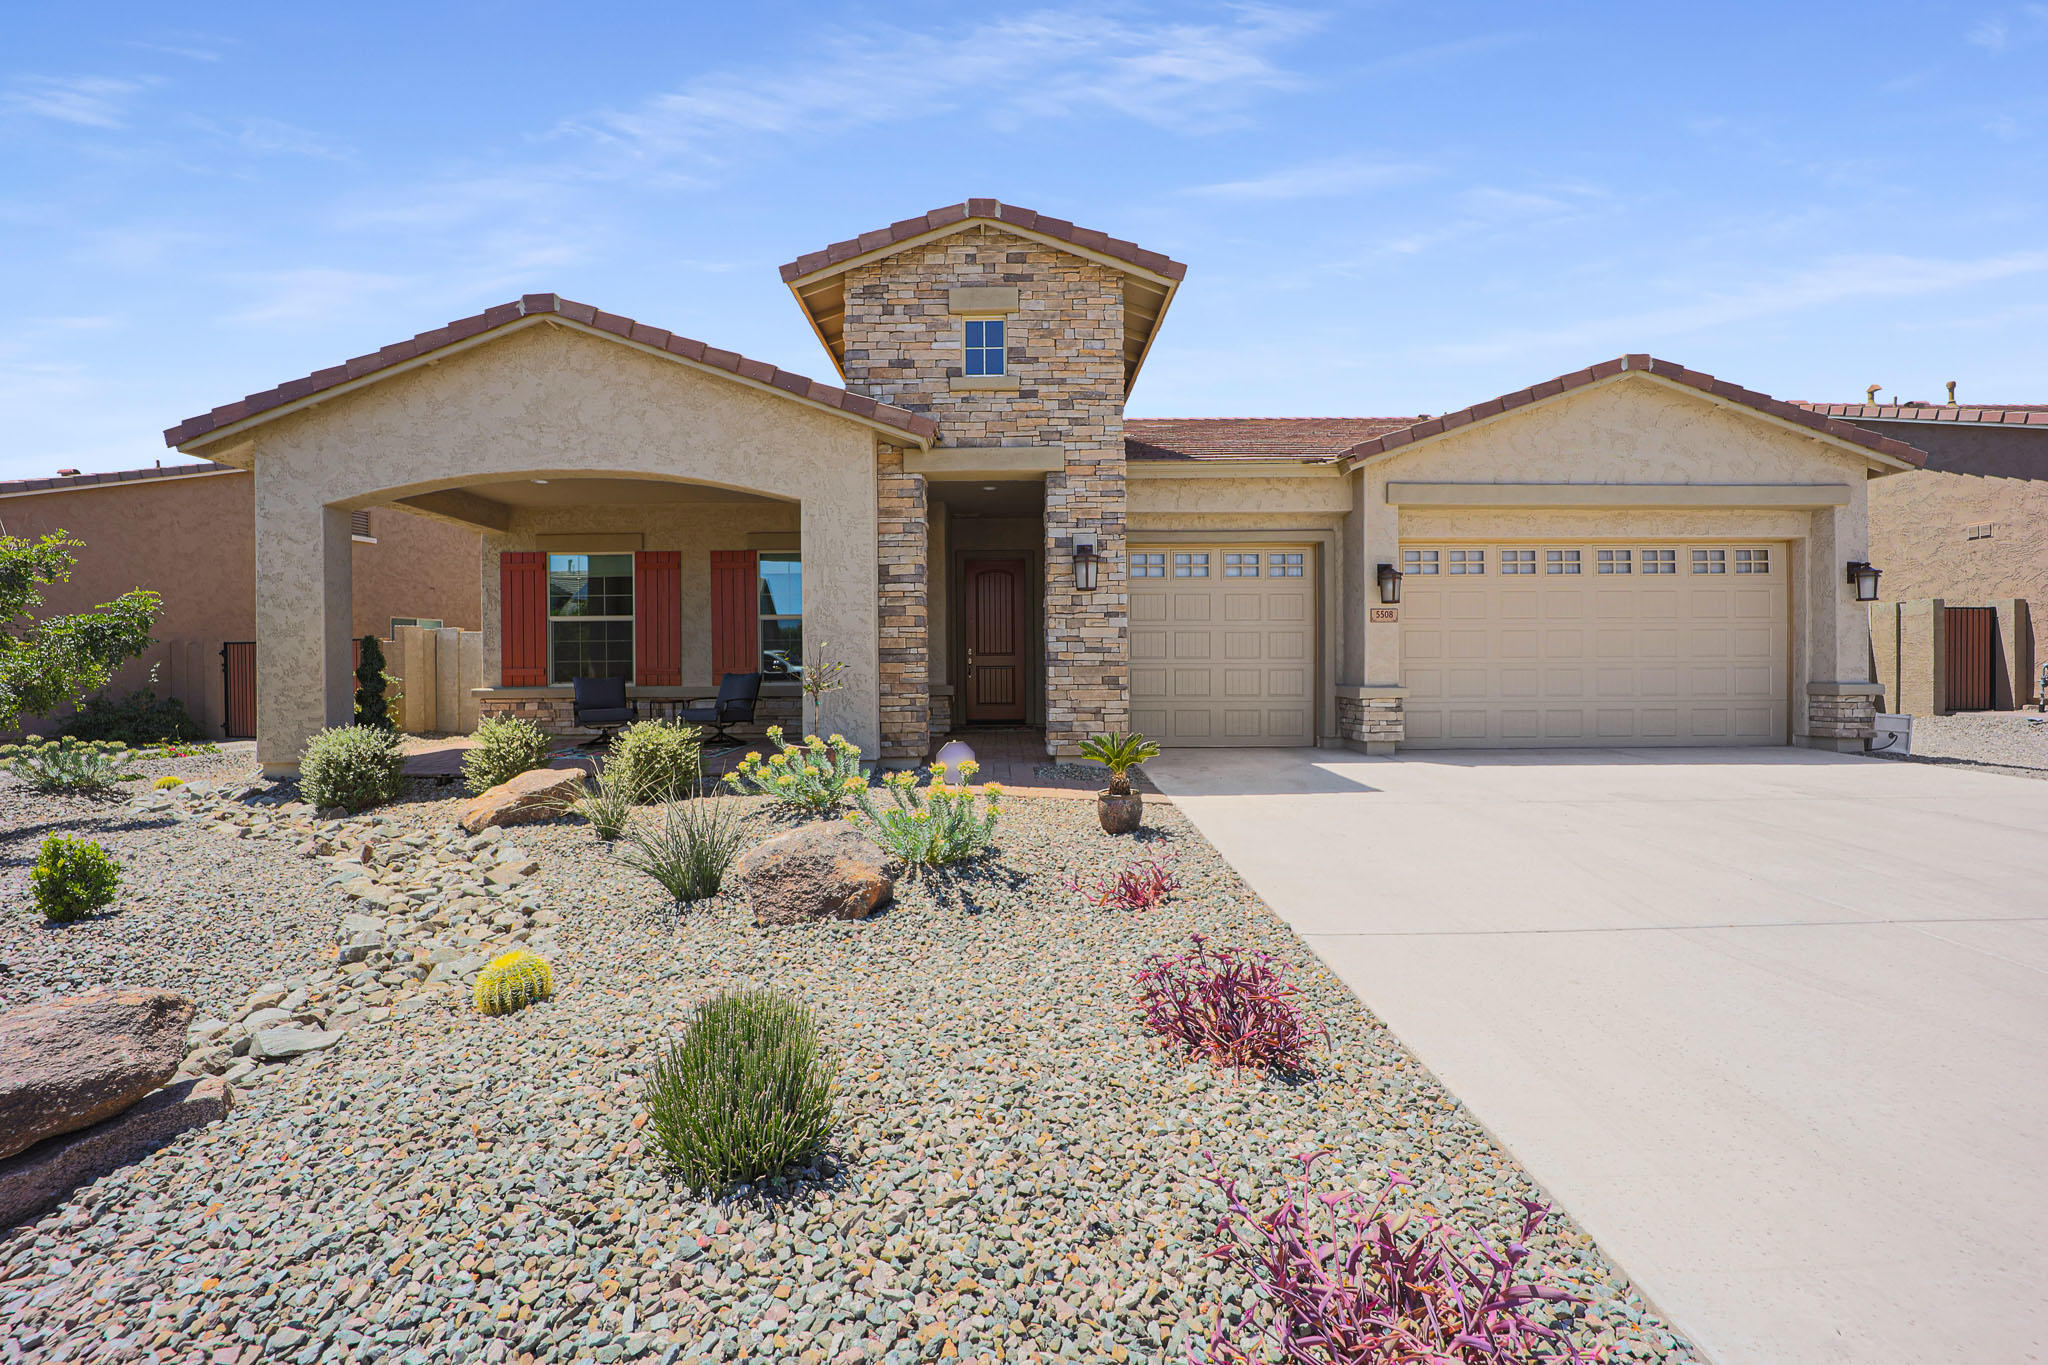 MLS 6232339 5508 N 190TH Drive, Litchfield Park, AZ 85340 Litchfield Park AZ Three Bedroom